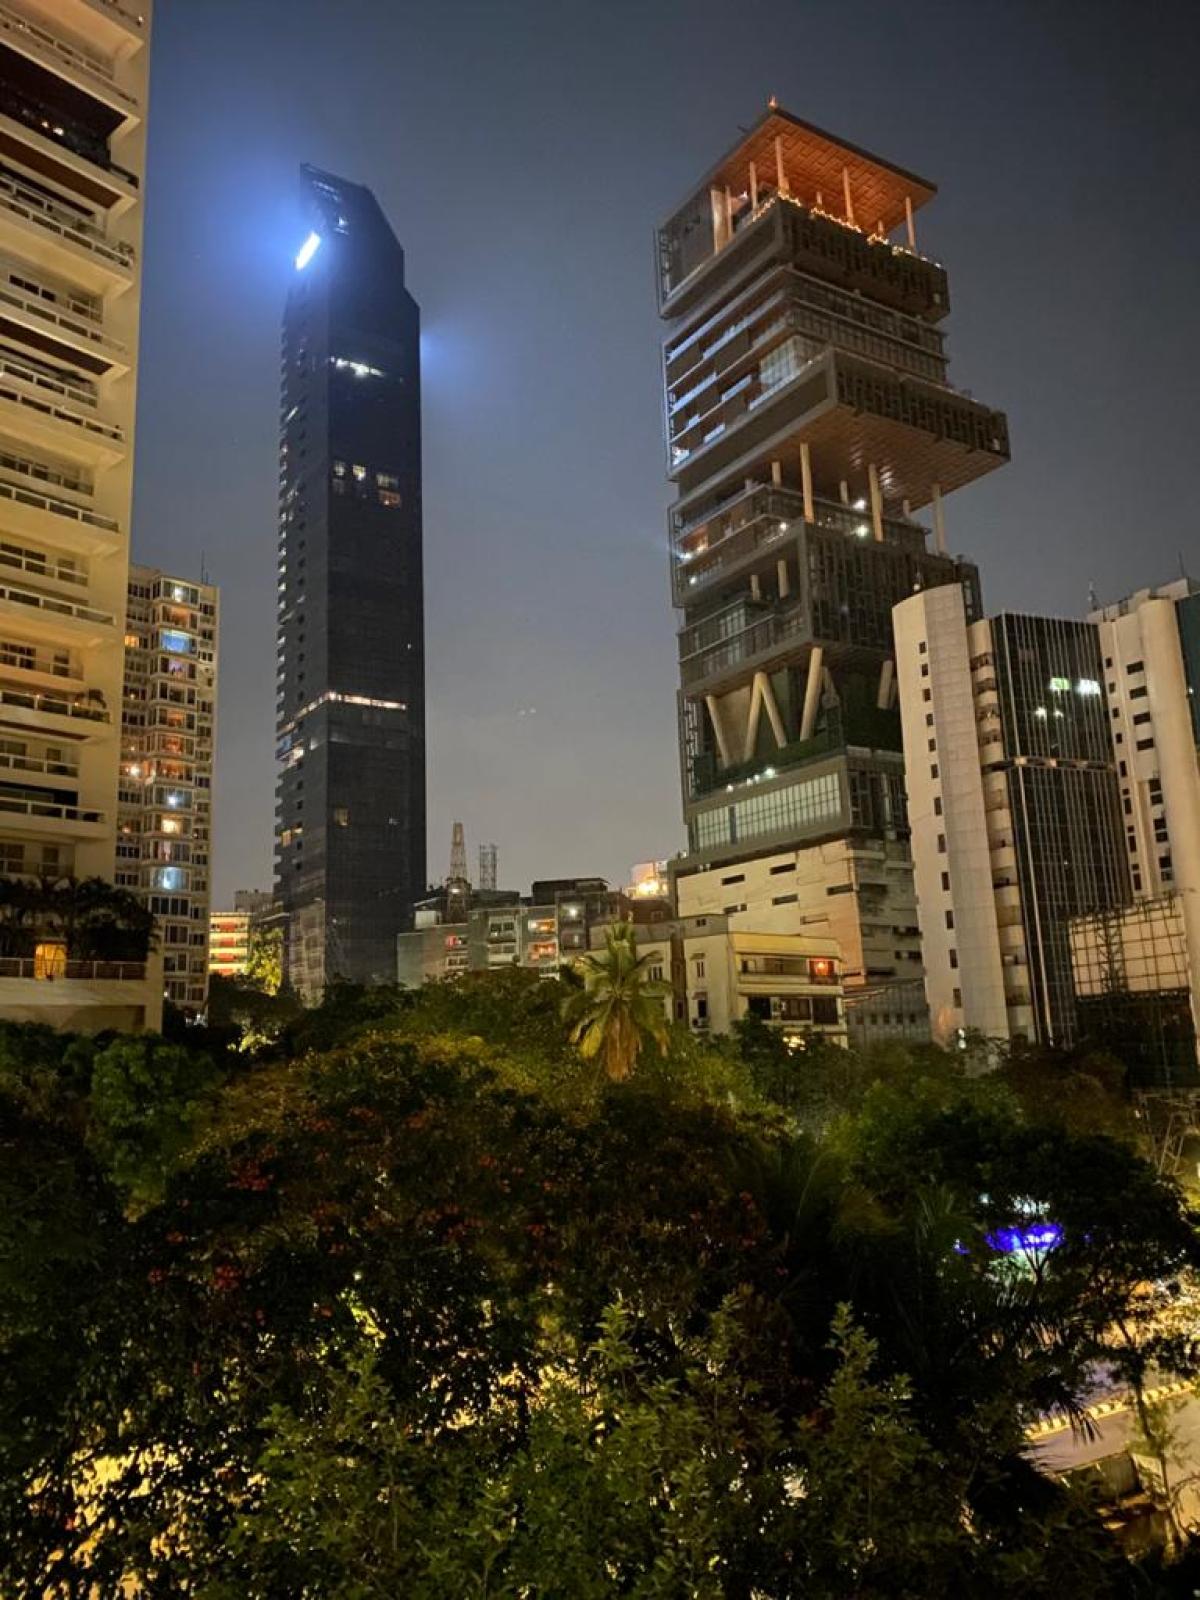 Mukesh Ambani's Antilia in Mumbai lights up for PM Modi's 9 PM 9Minutes; see pics